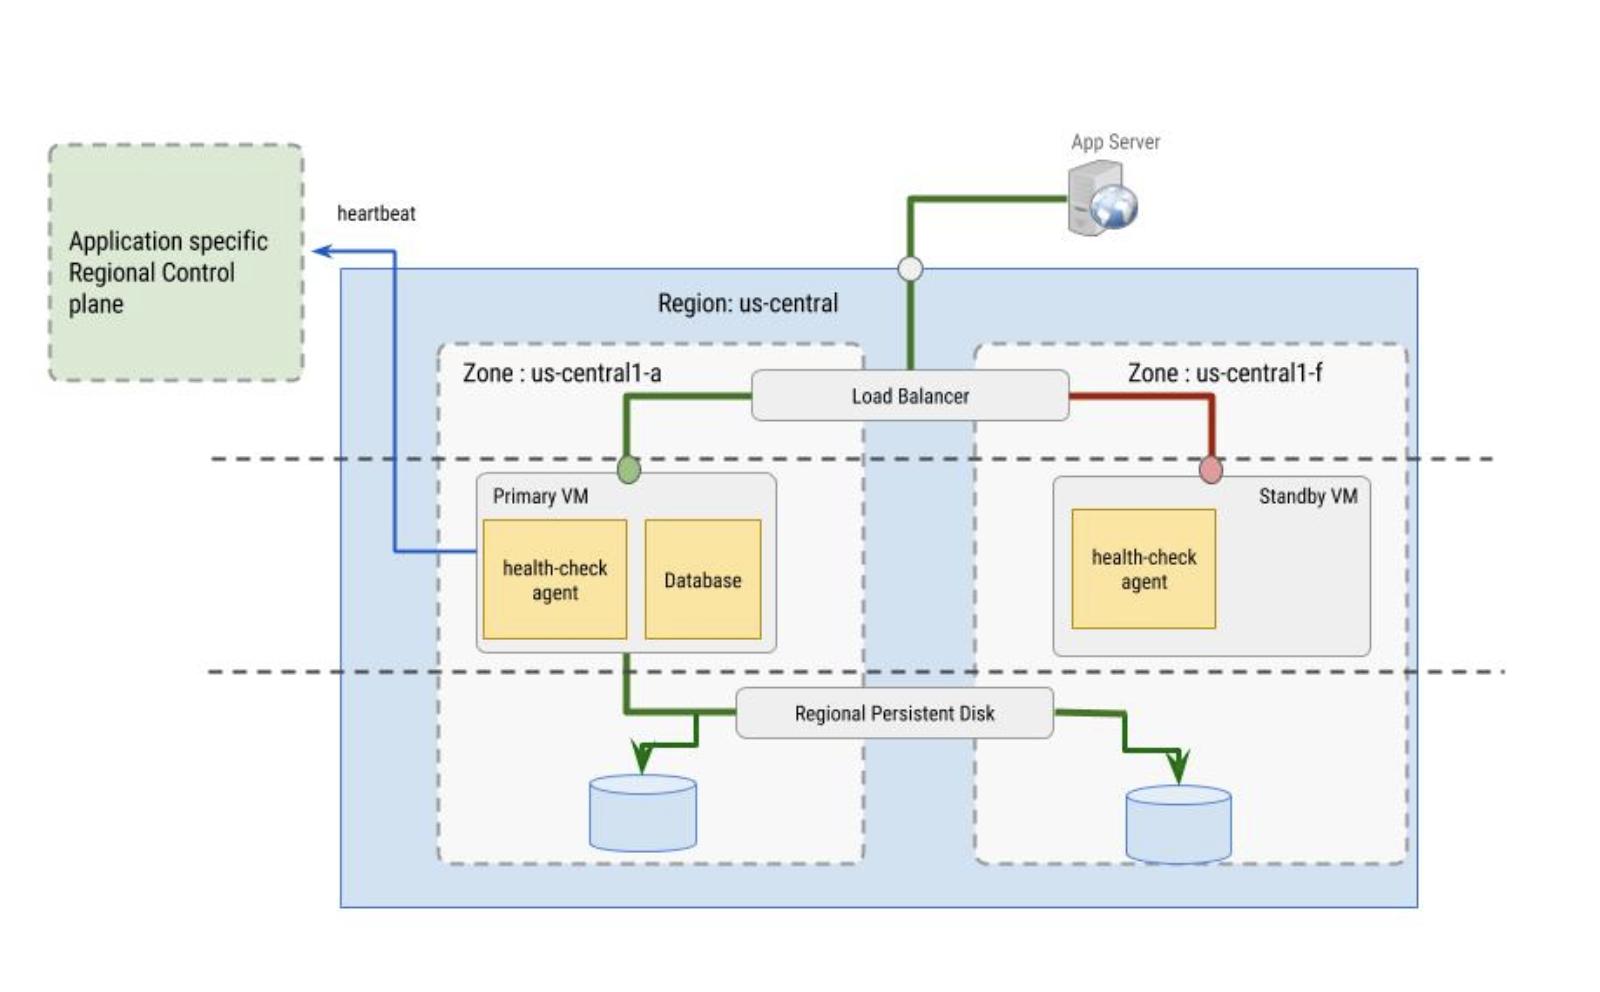 Función del agente de verificación de estado en la VM